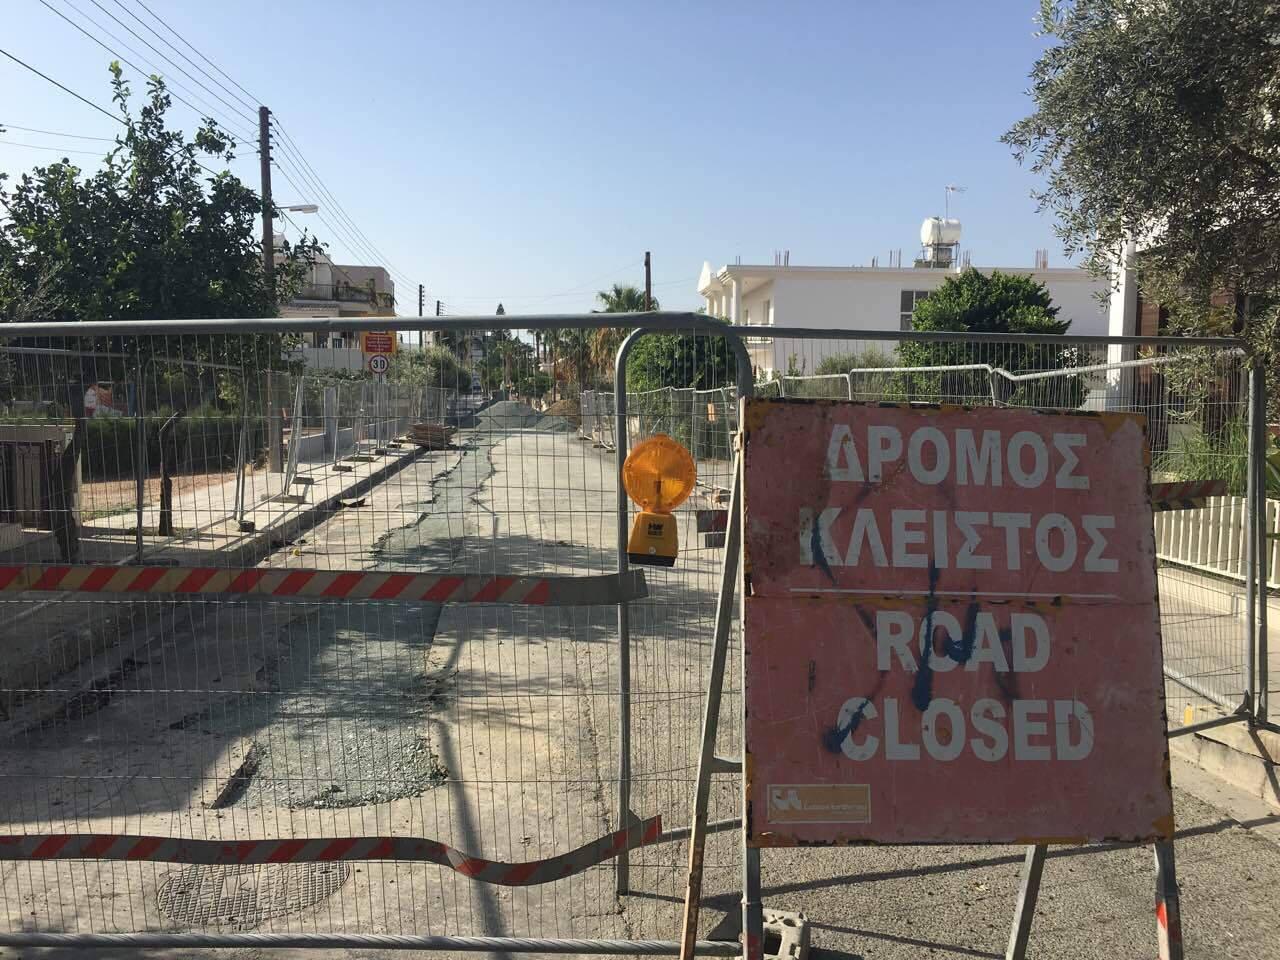 Απίστευτοι! Έκλεισαν δρόμο για 13 ημέρες αλλά δούλεψαν μόνο τις τρεις – Ταλαιπωρία για κατοίκους Λάρνακας (pic)